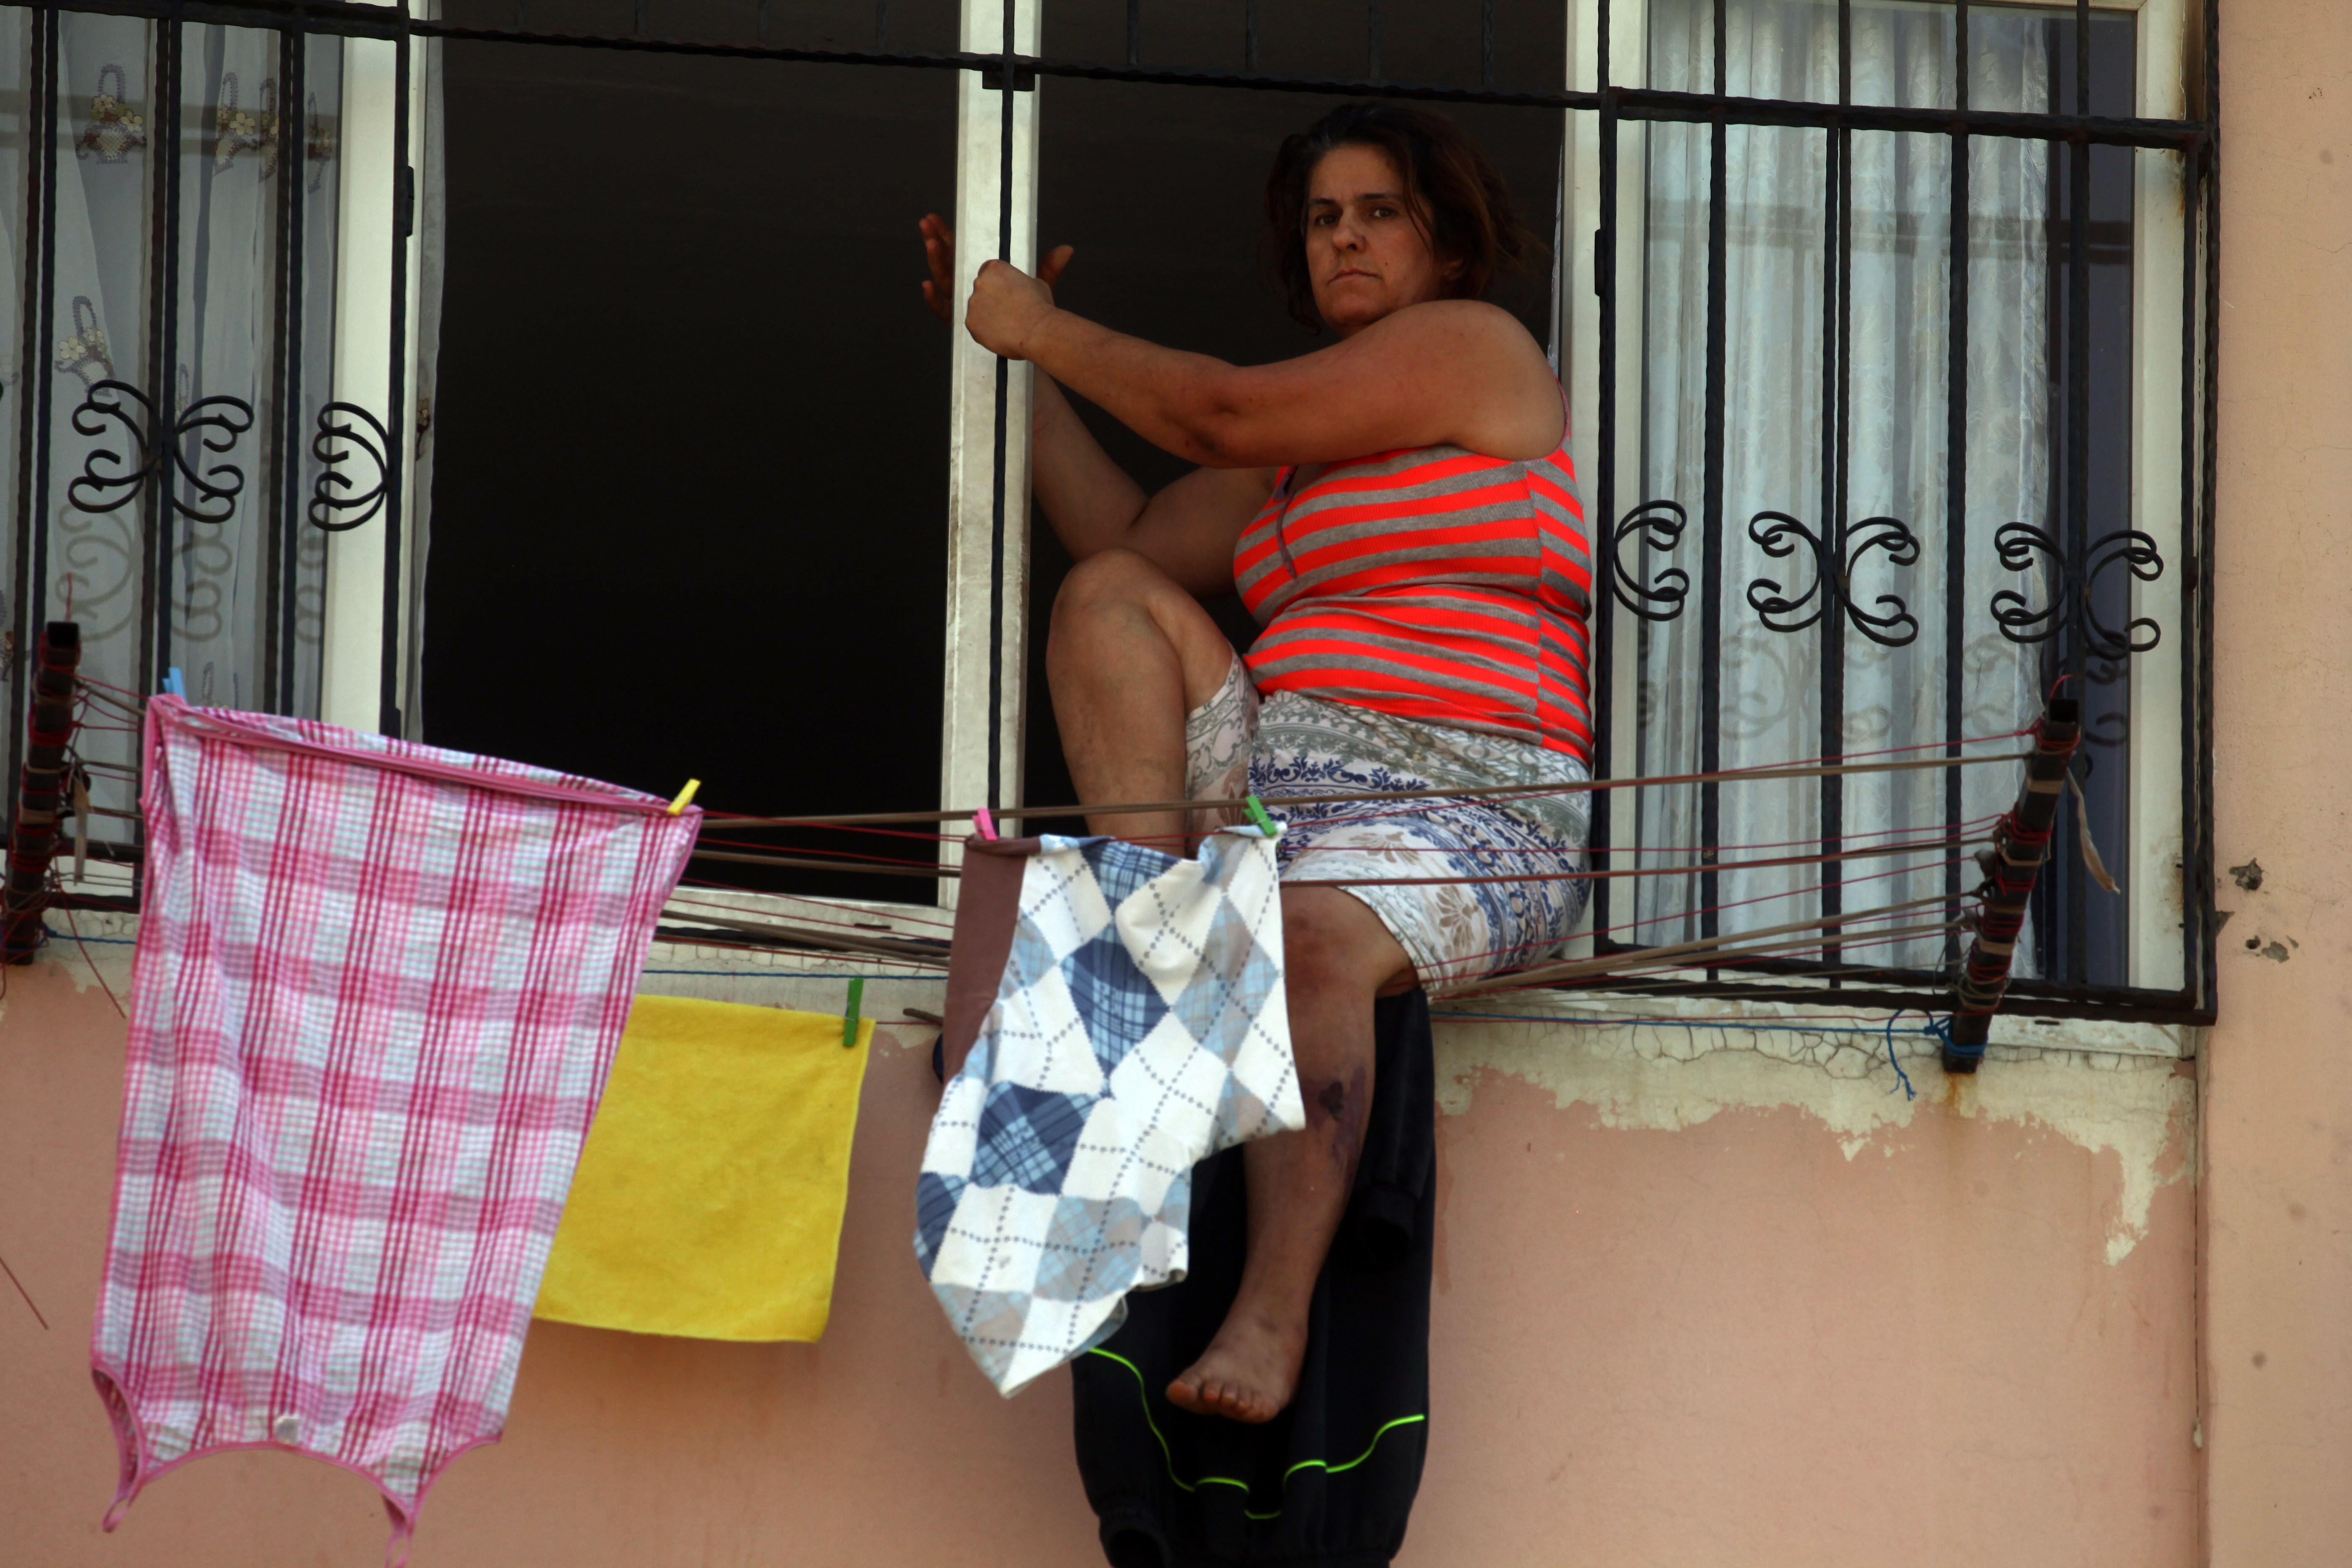 İntiharkolik kadın yine intihara kalkıştı